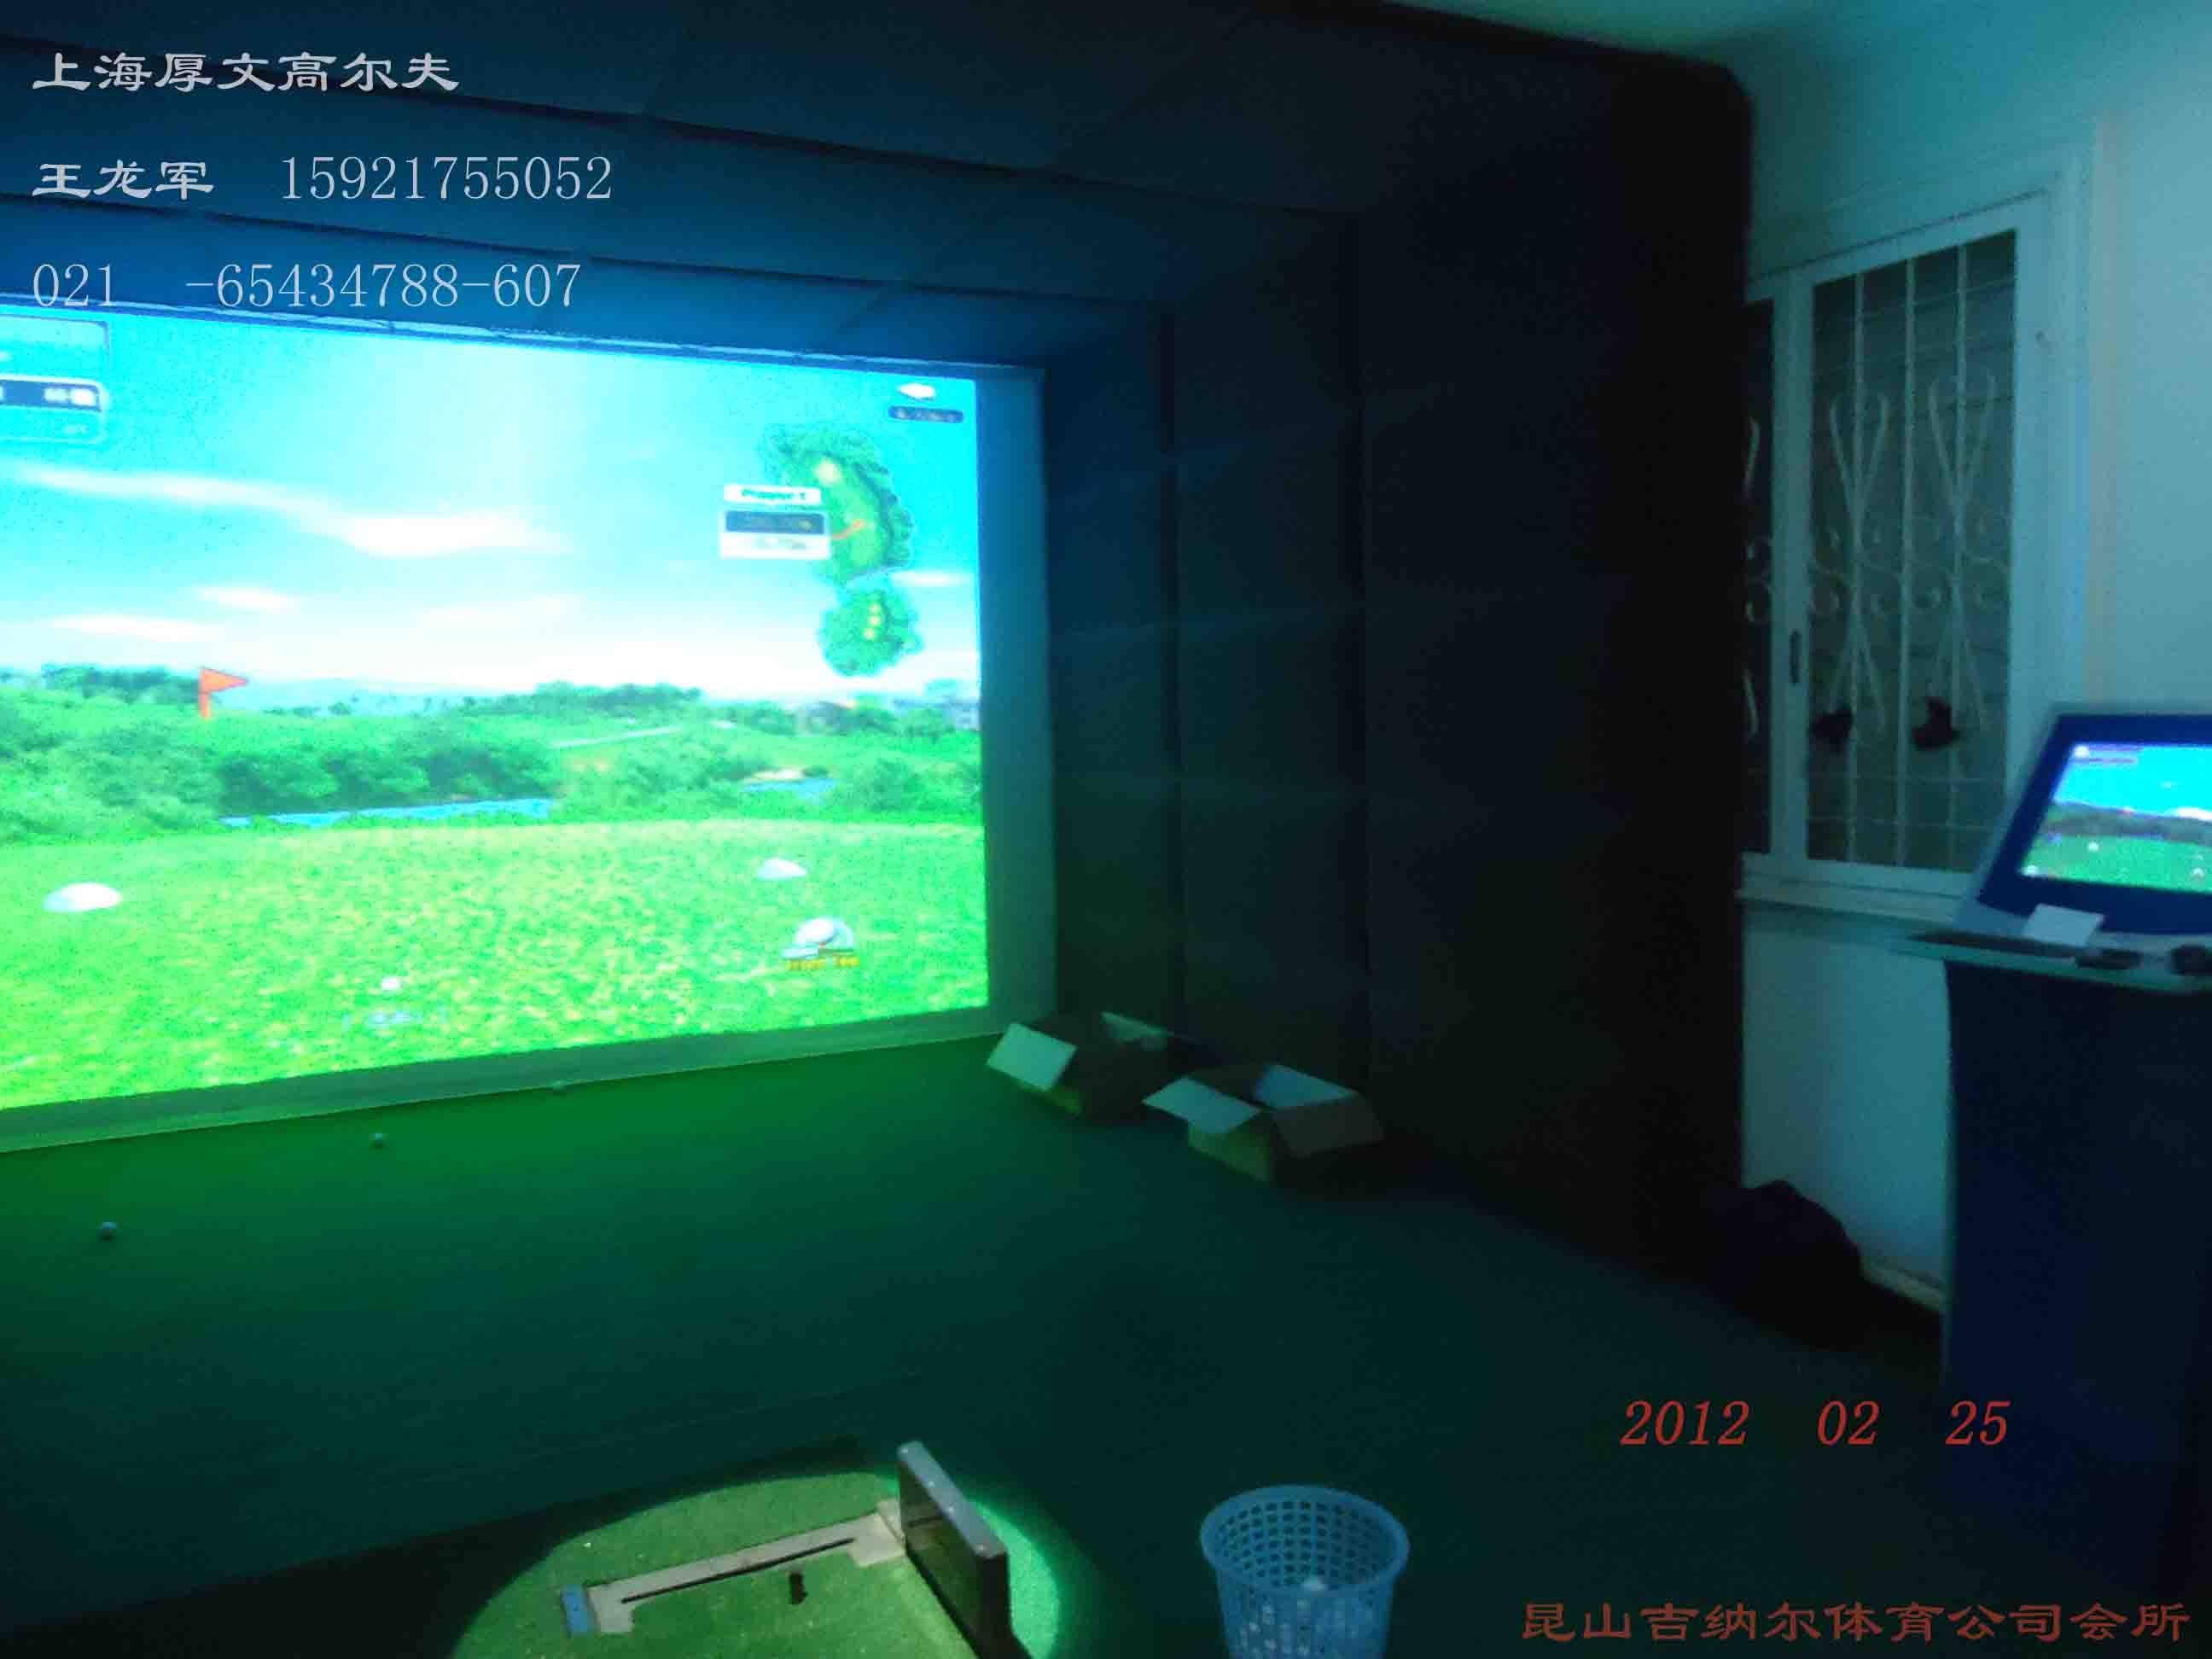 由150多个双重红外单元传感器组成的GOLFZON--12打球感应分析系统,            通过先定点检测球,再监测球速、杆面角度、杆头速度、侧/回旋、            从而避免了丢球的可能,打球的准确度为99.9%。         (2)软件                      Golfzon-12球场软件包括世界各地120个3D航拍高尔夫球场,                  真实还原球场原貌。完美汉化,触摸控制。